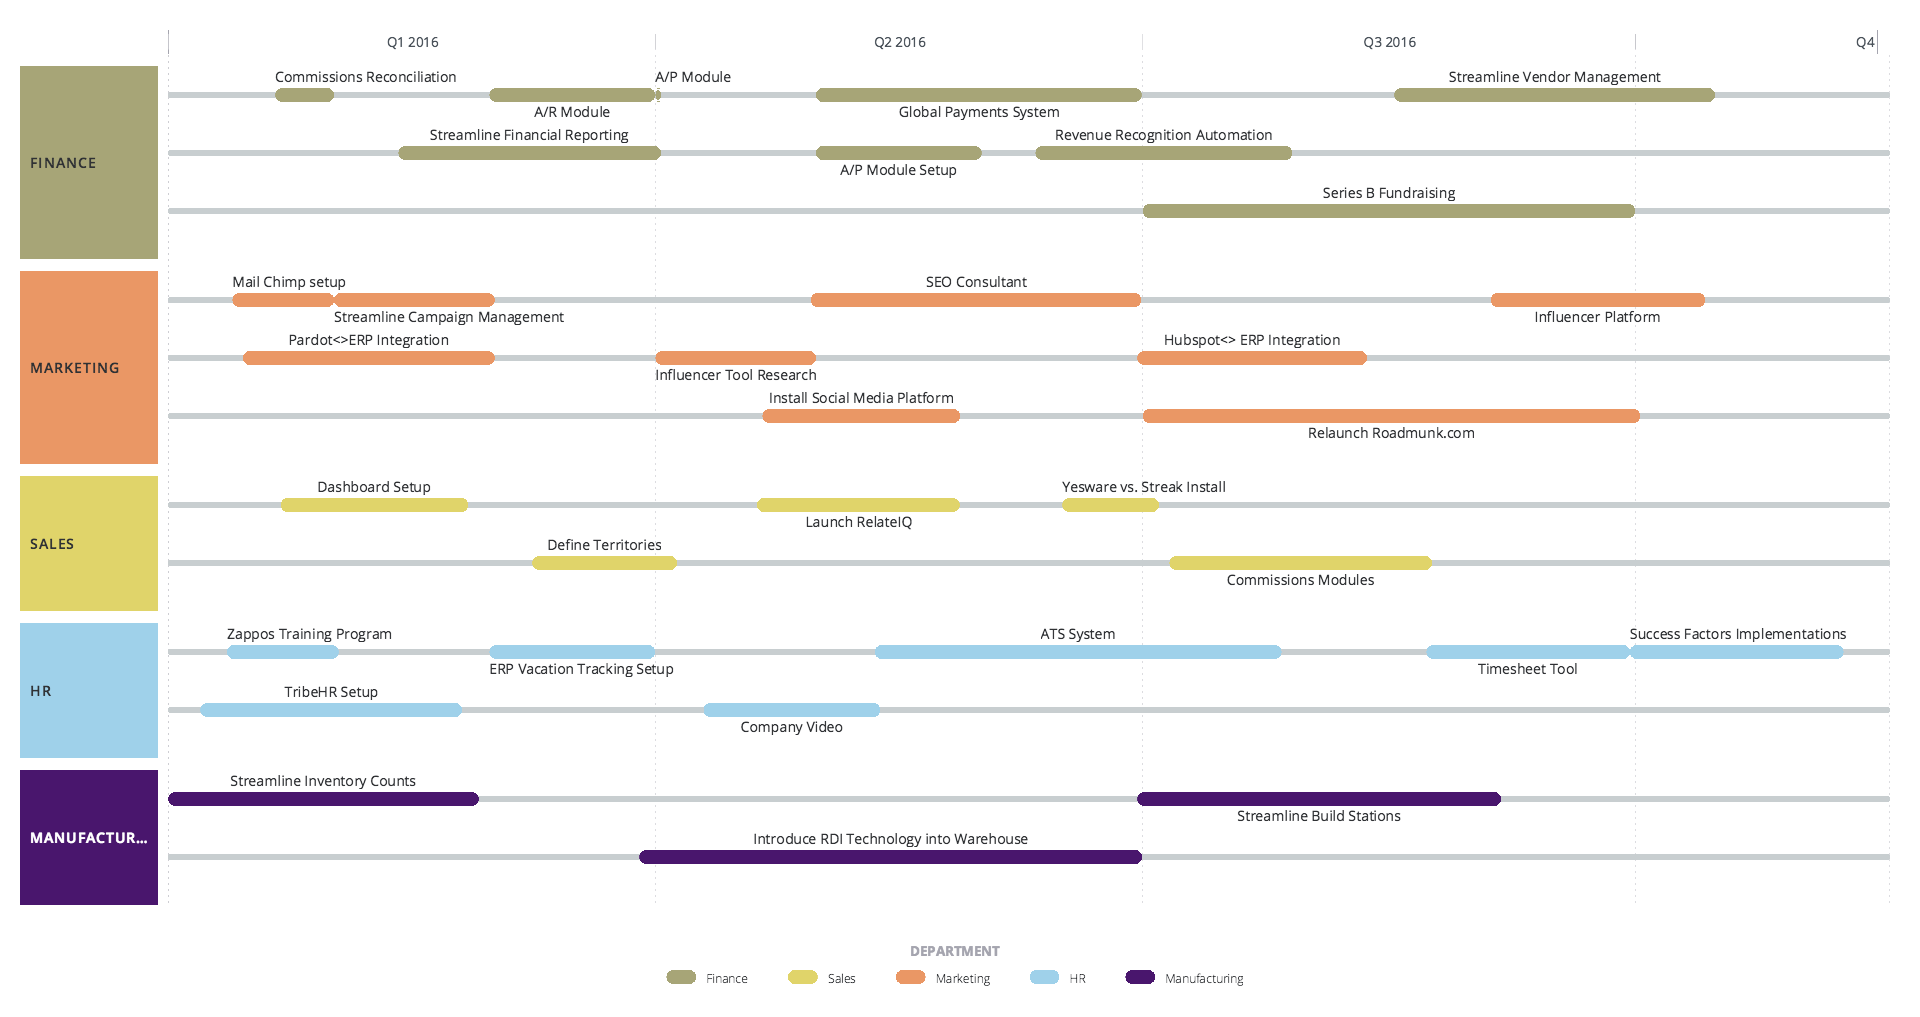 custom roadmap software information design pinterest template. Black Bedroom Furniture Sets. Home Design Ideas